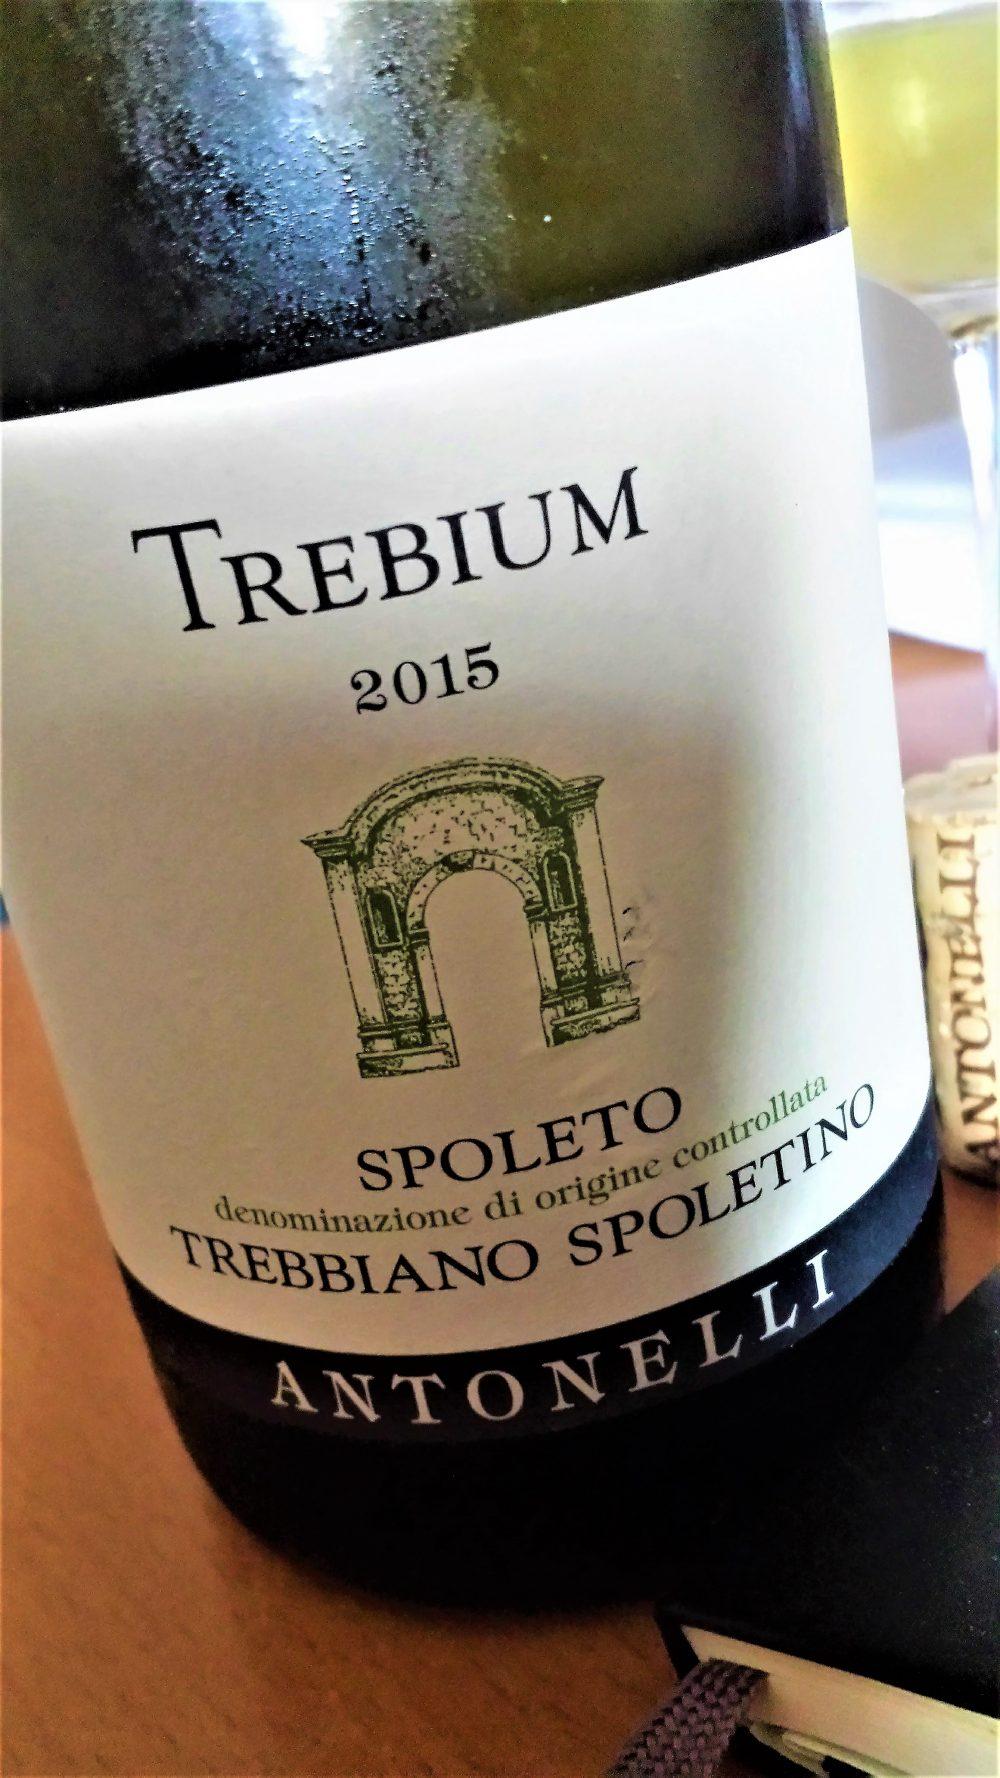 Trebbiano Spoletino Trebium 2015, Antonelli San Marco